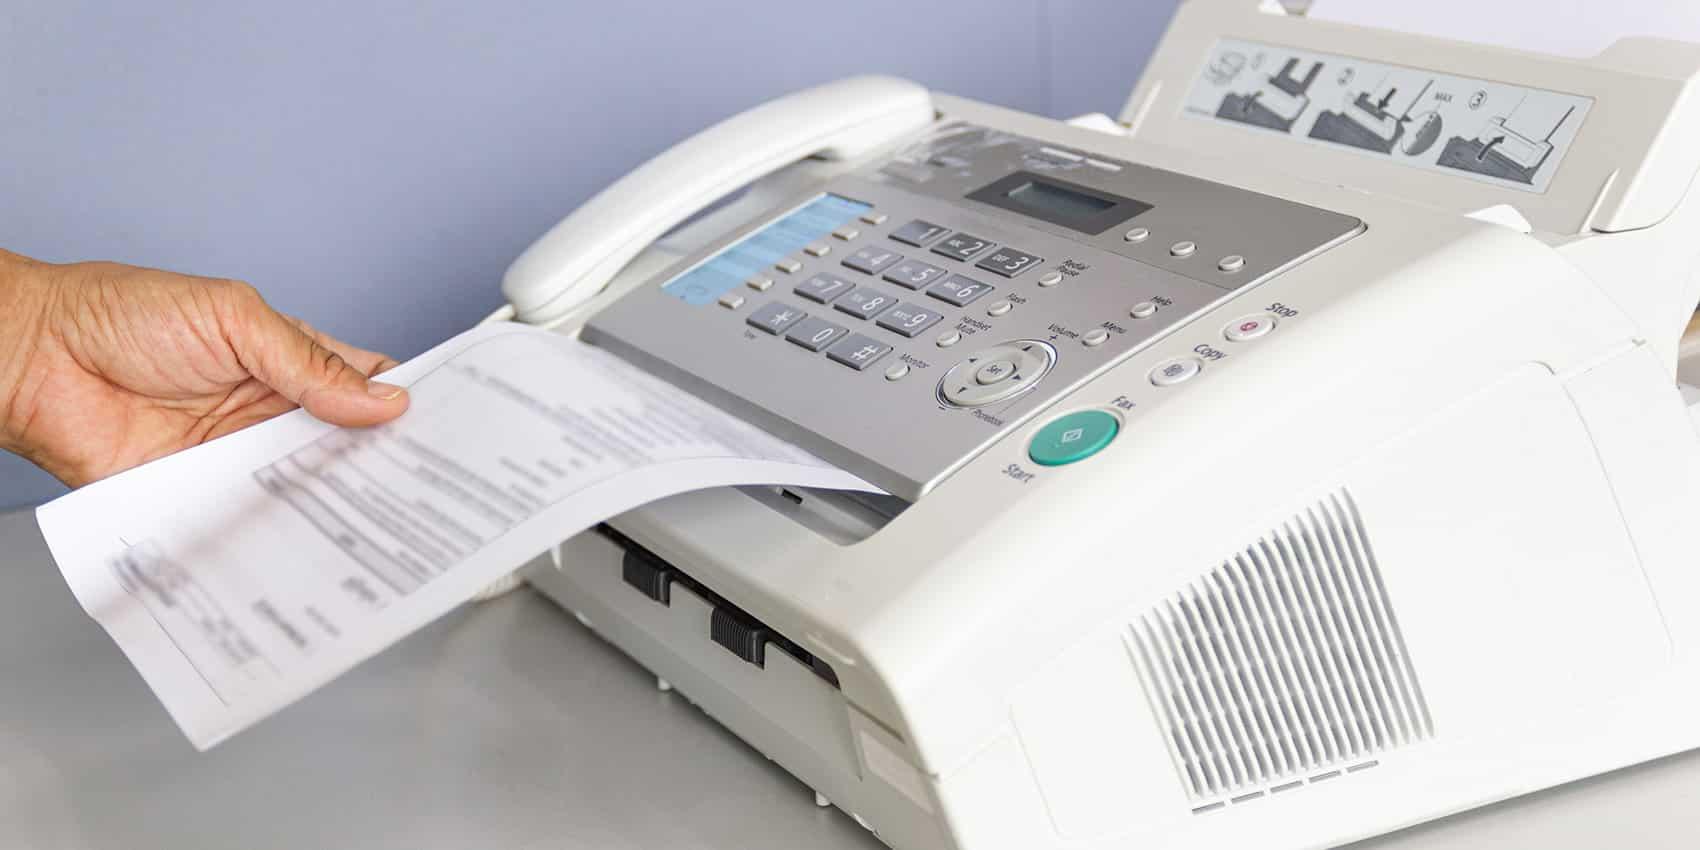 Hat das Fax ausgedient?